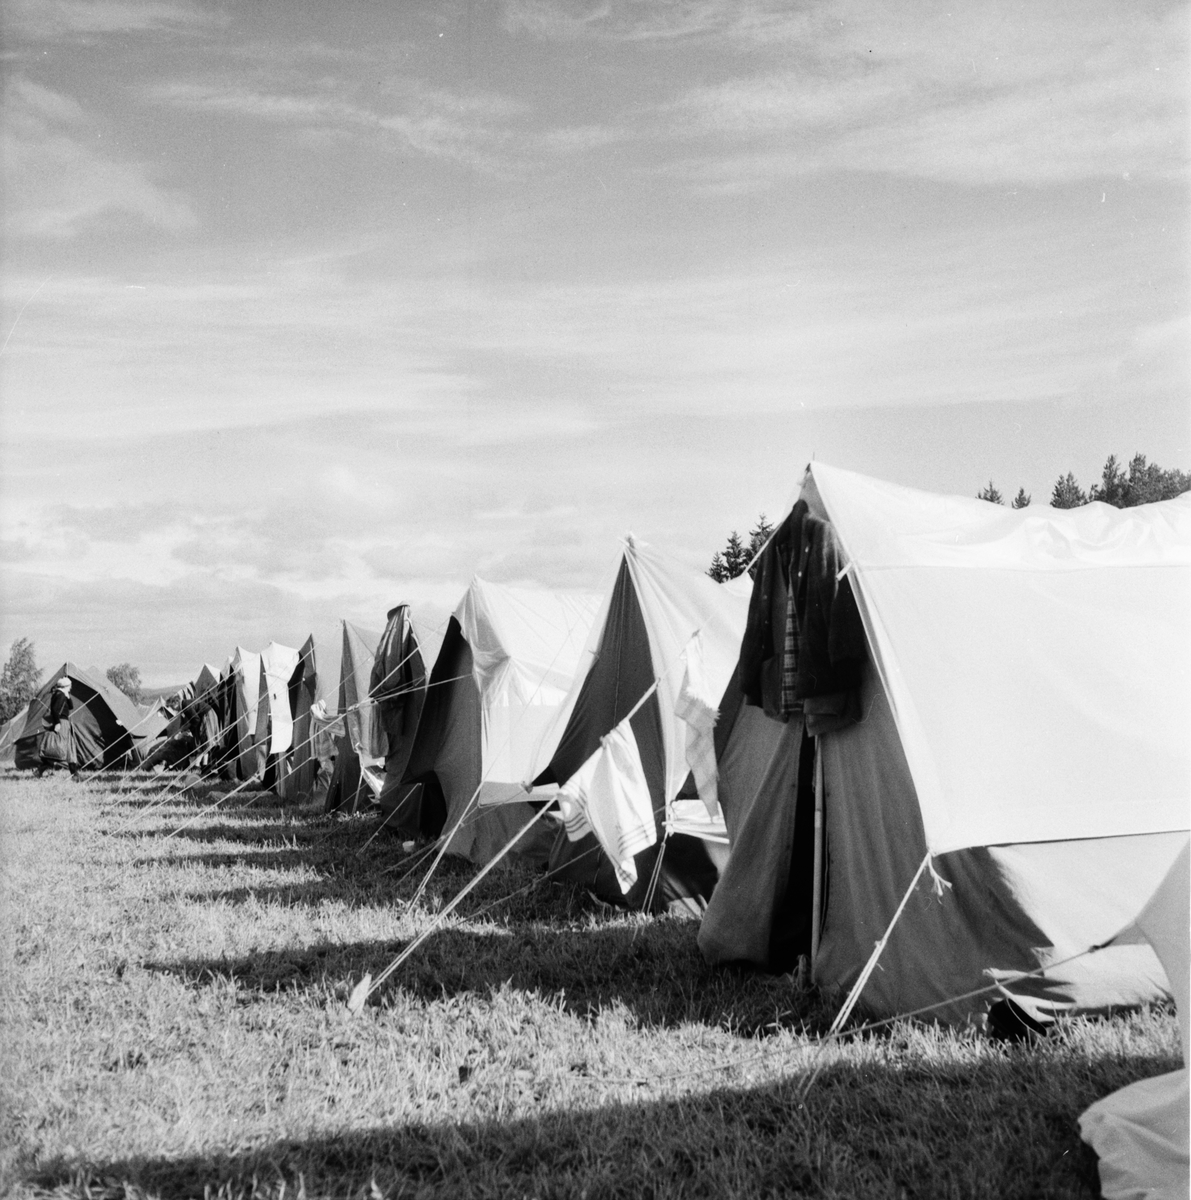 INCOJA-junior och scoutläger på Fagernäs sommaren 1958. Det var på sin tid det största kristna ungdomsläger som hållits i Sverige med 2000 deltagare. Namnet INCOJA stod för de första bokstäverna i Indien, Congo, Japan. Folk från hela världen var samlade, till och med en färgad fanns med, det var inte vanligt att se färgade i Sverige på den tiden. Emil Mörk var den som hade ansvaret för platsen och han hade tagit kommunen, försvaret och skogsbolagen till hjälp. Alla ställde upp. Lägret blev en succé. Fagernäs augusti 1958.